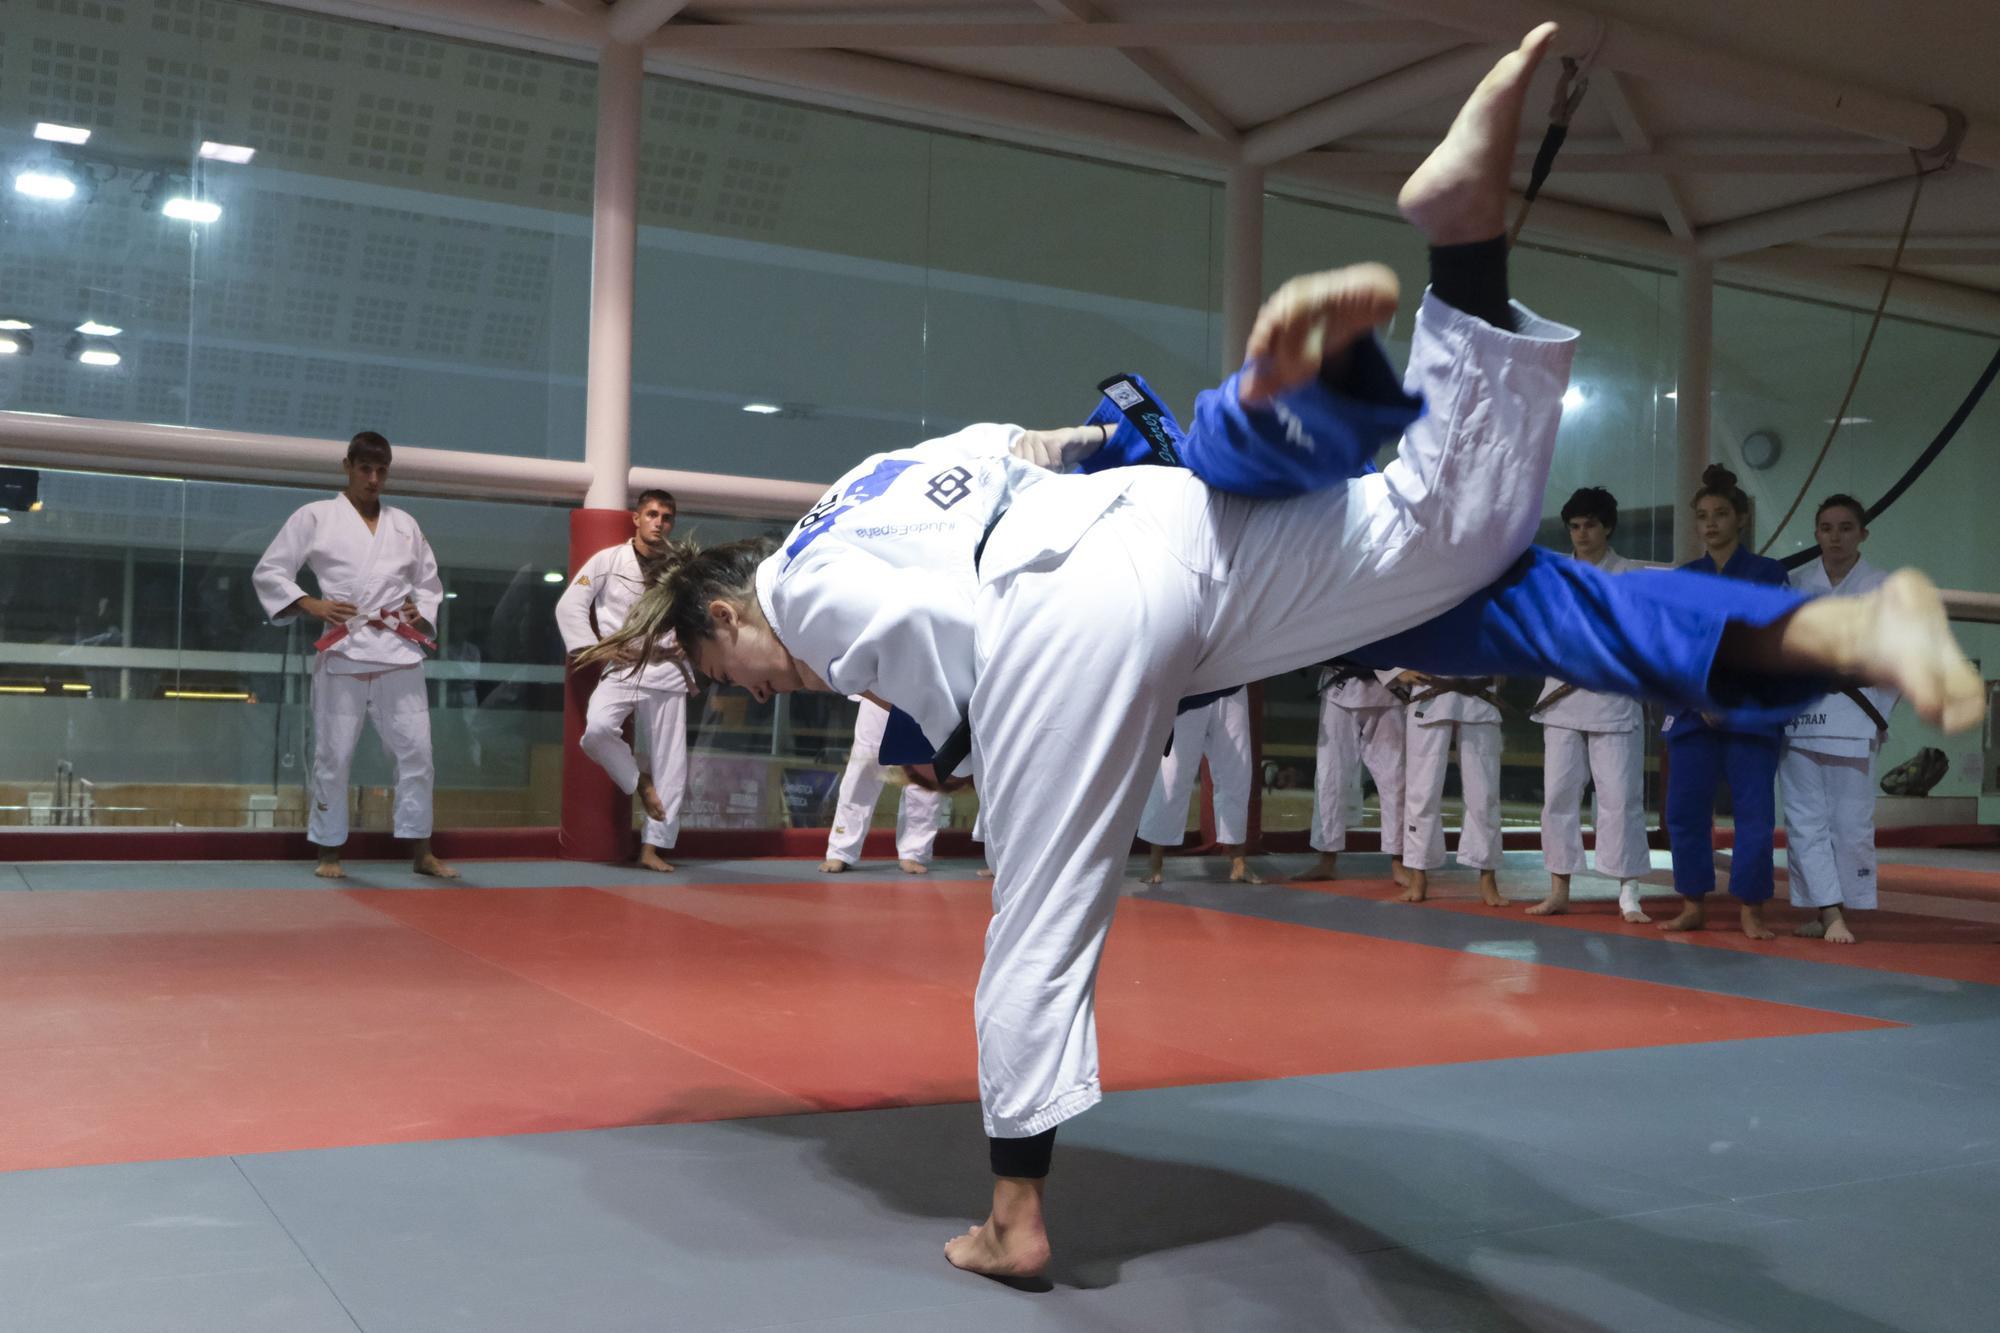 Mostra del Centre de Tecnificació de Judo del Bages